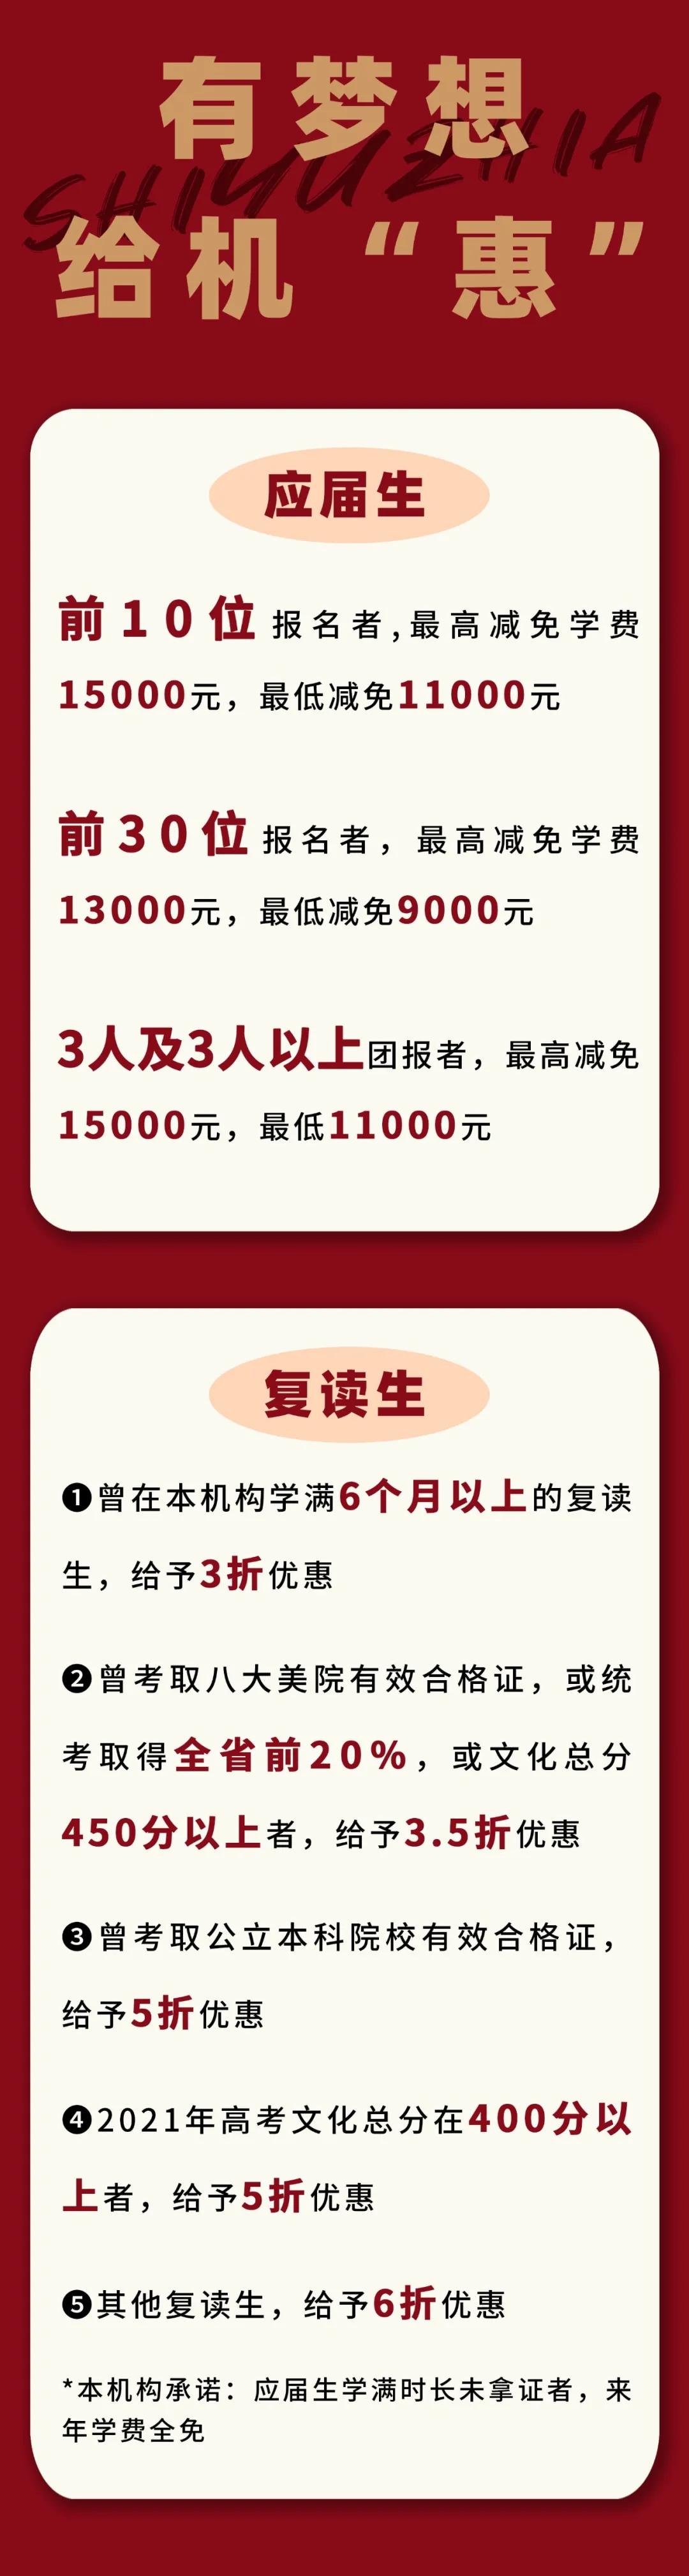 1616130795160535.jpg